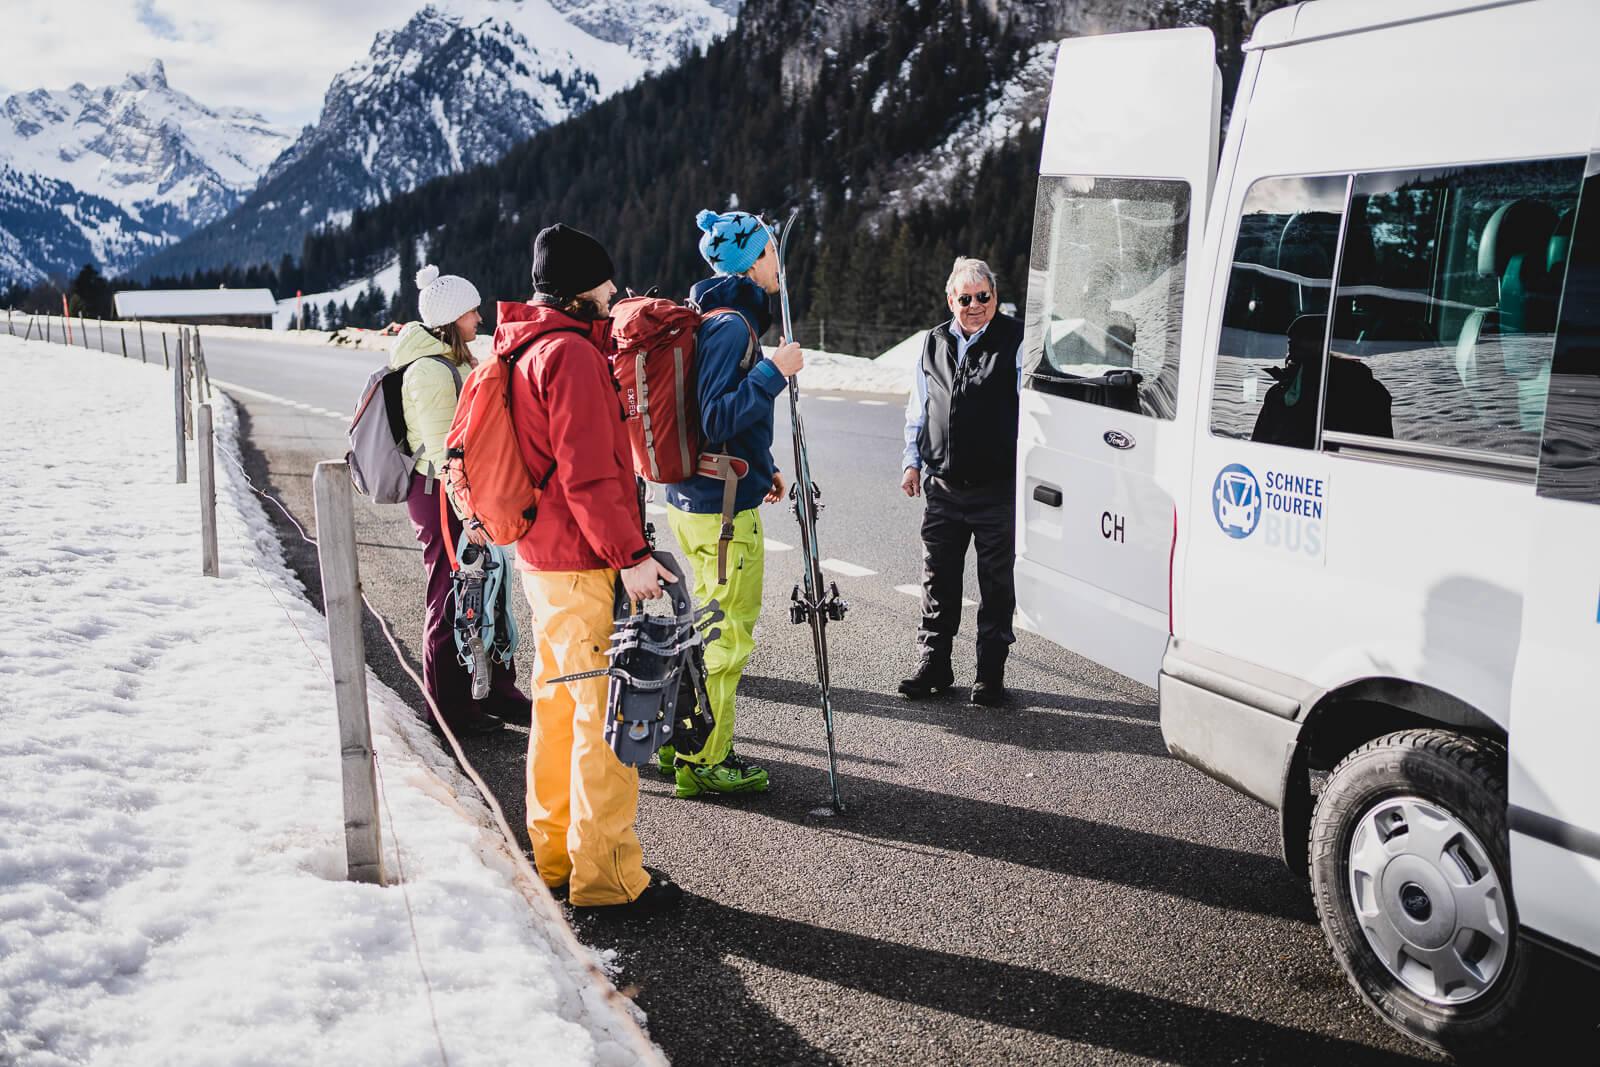 Alle Gäste sind wohlbehalten von der Skitour zurückgekehrt